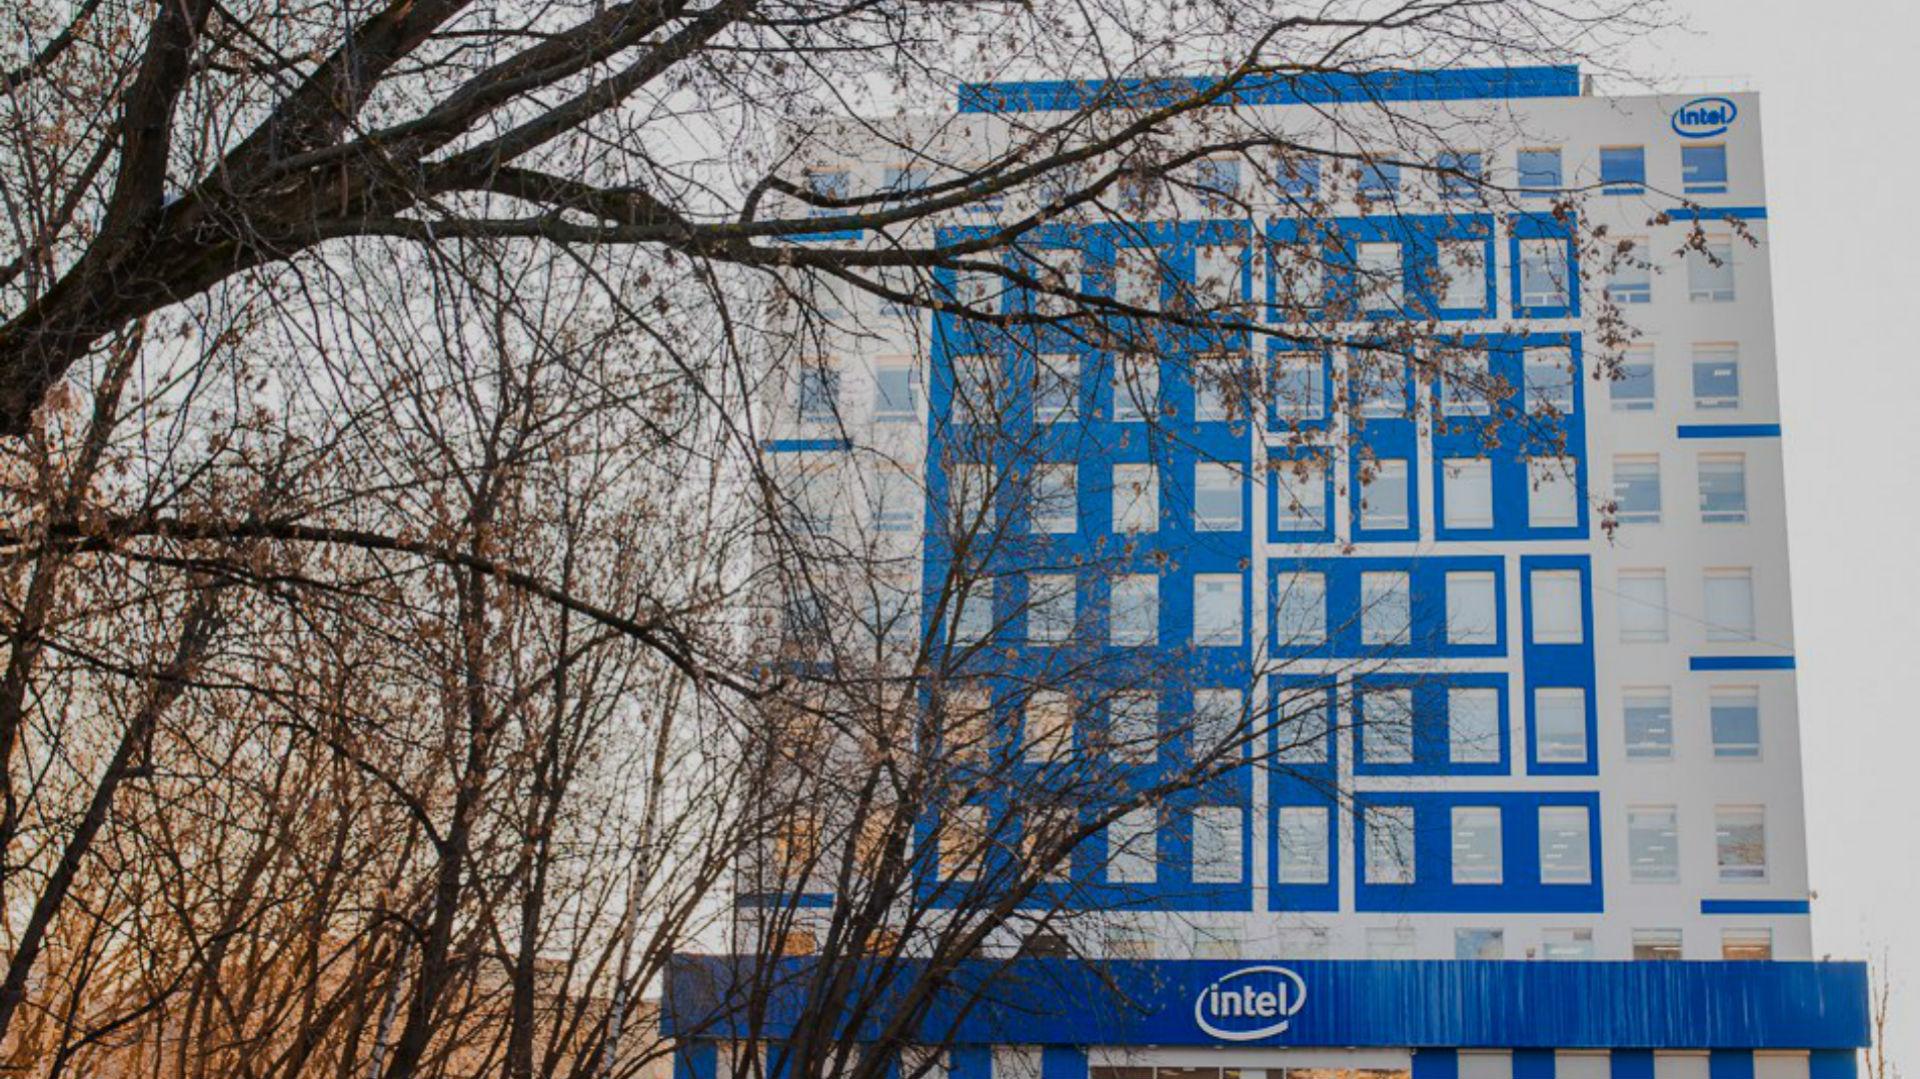 Живем и работаем не в столицах: рынок разработки программного обеспечения в Нижнем Новгороде - 3